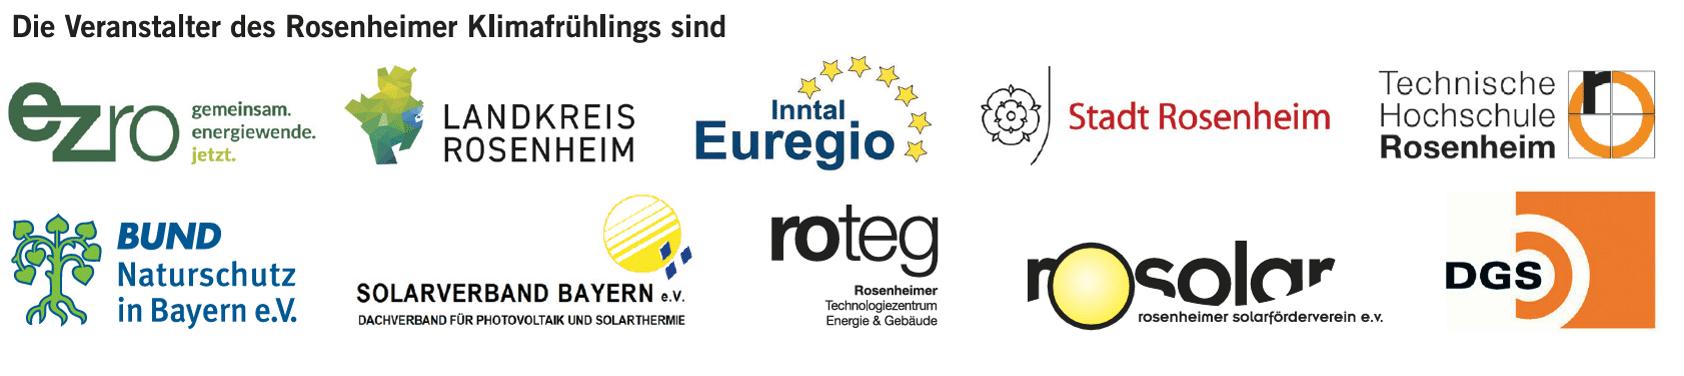 Logos Klimafrühling